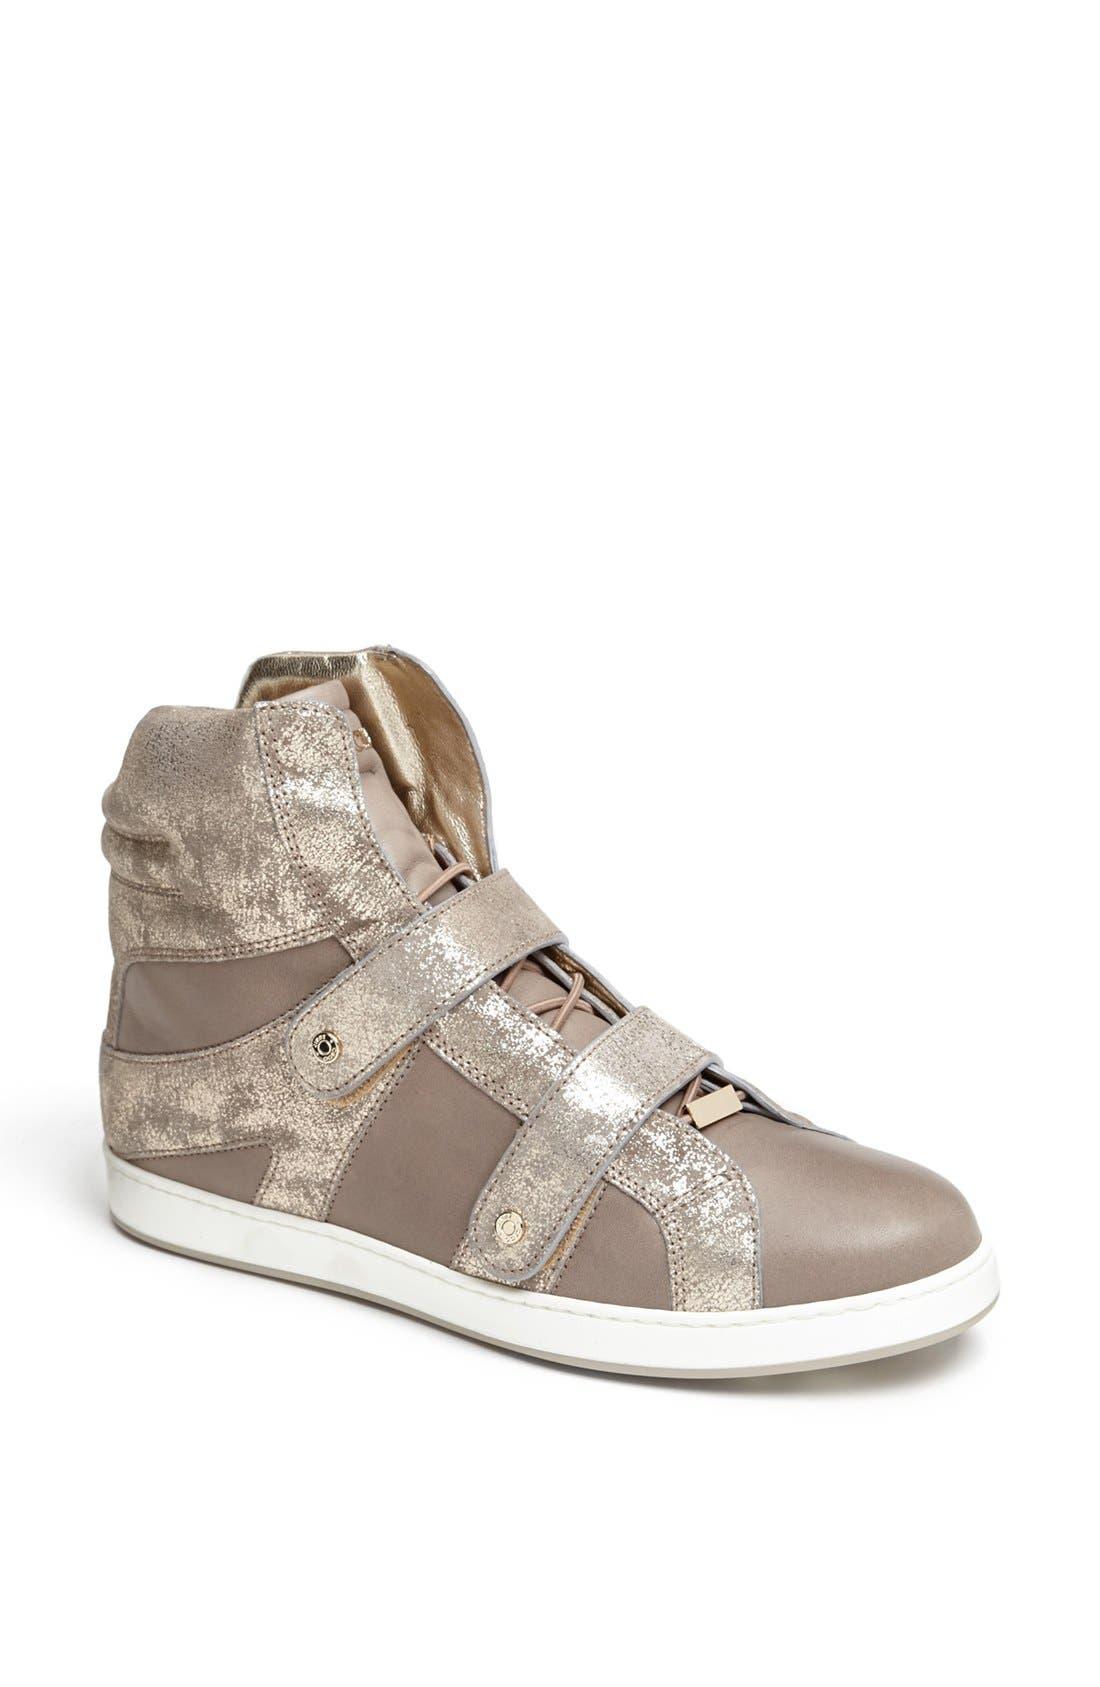 Alternate Image 1 Selected - Jimmy Choo 'Yazz' Sneaker